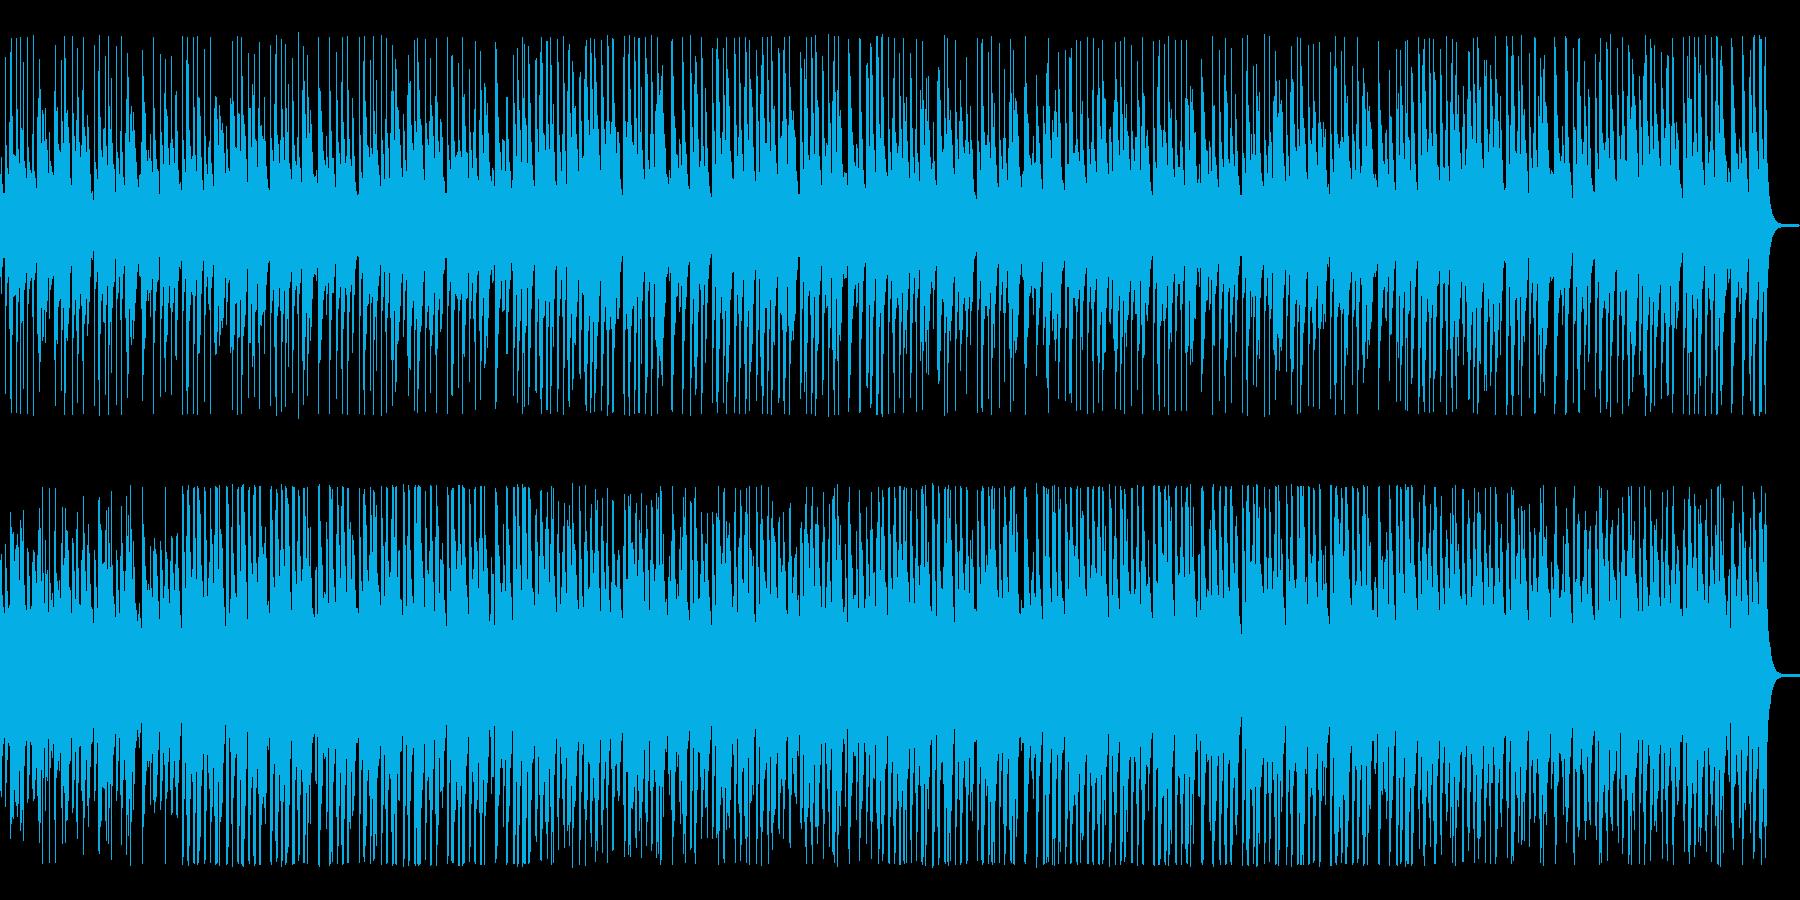 【リズム・ベース抜き】木琴とウクレレの…の再生済みの波形